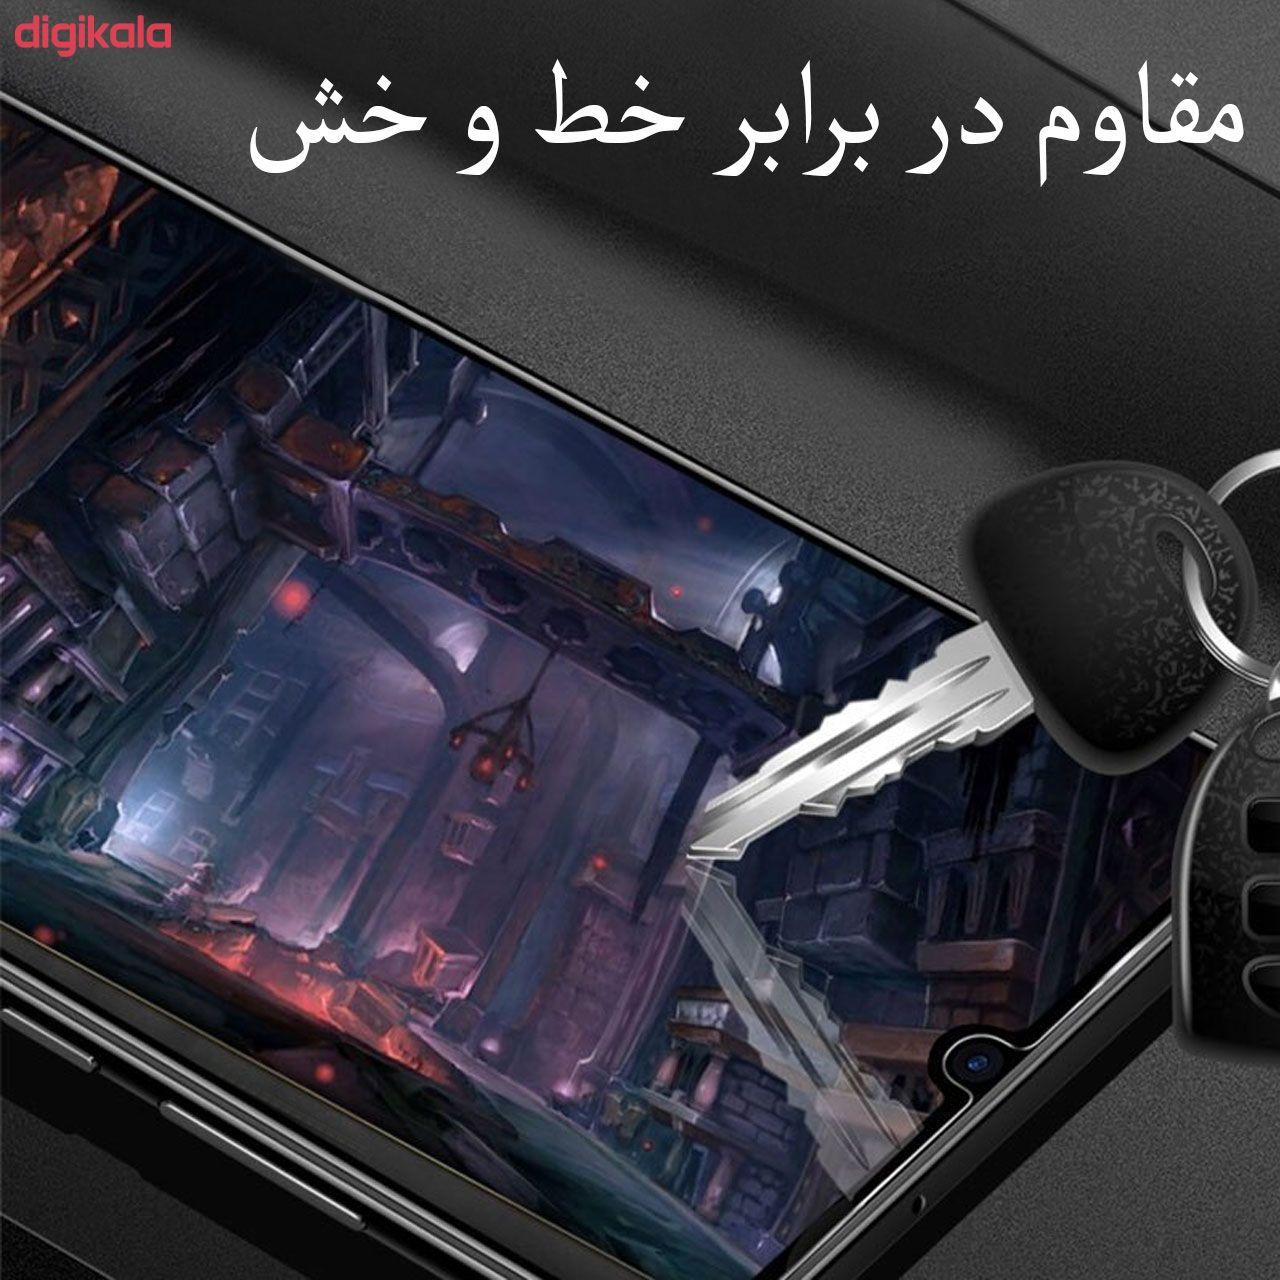 محافظ صفحه نمایش مدل FCG مناسب برای گوشی موبایل سامسونگ Galaxy A12 main 1 9